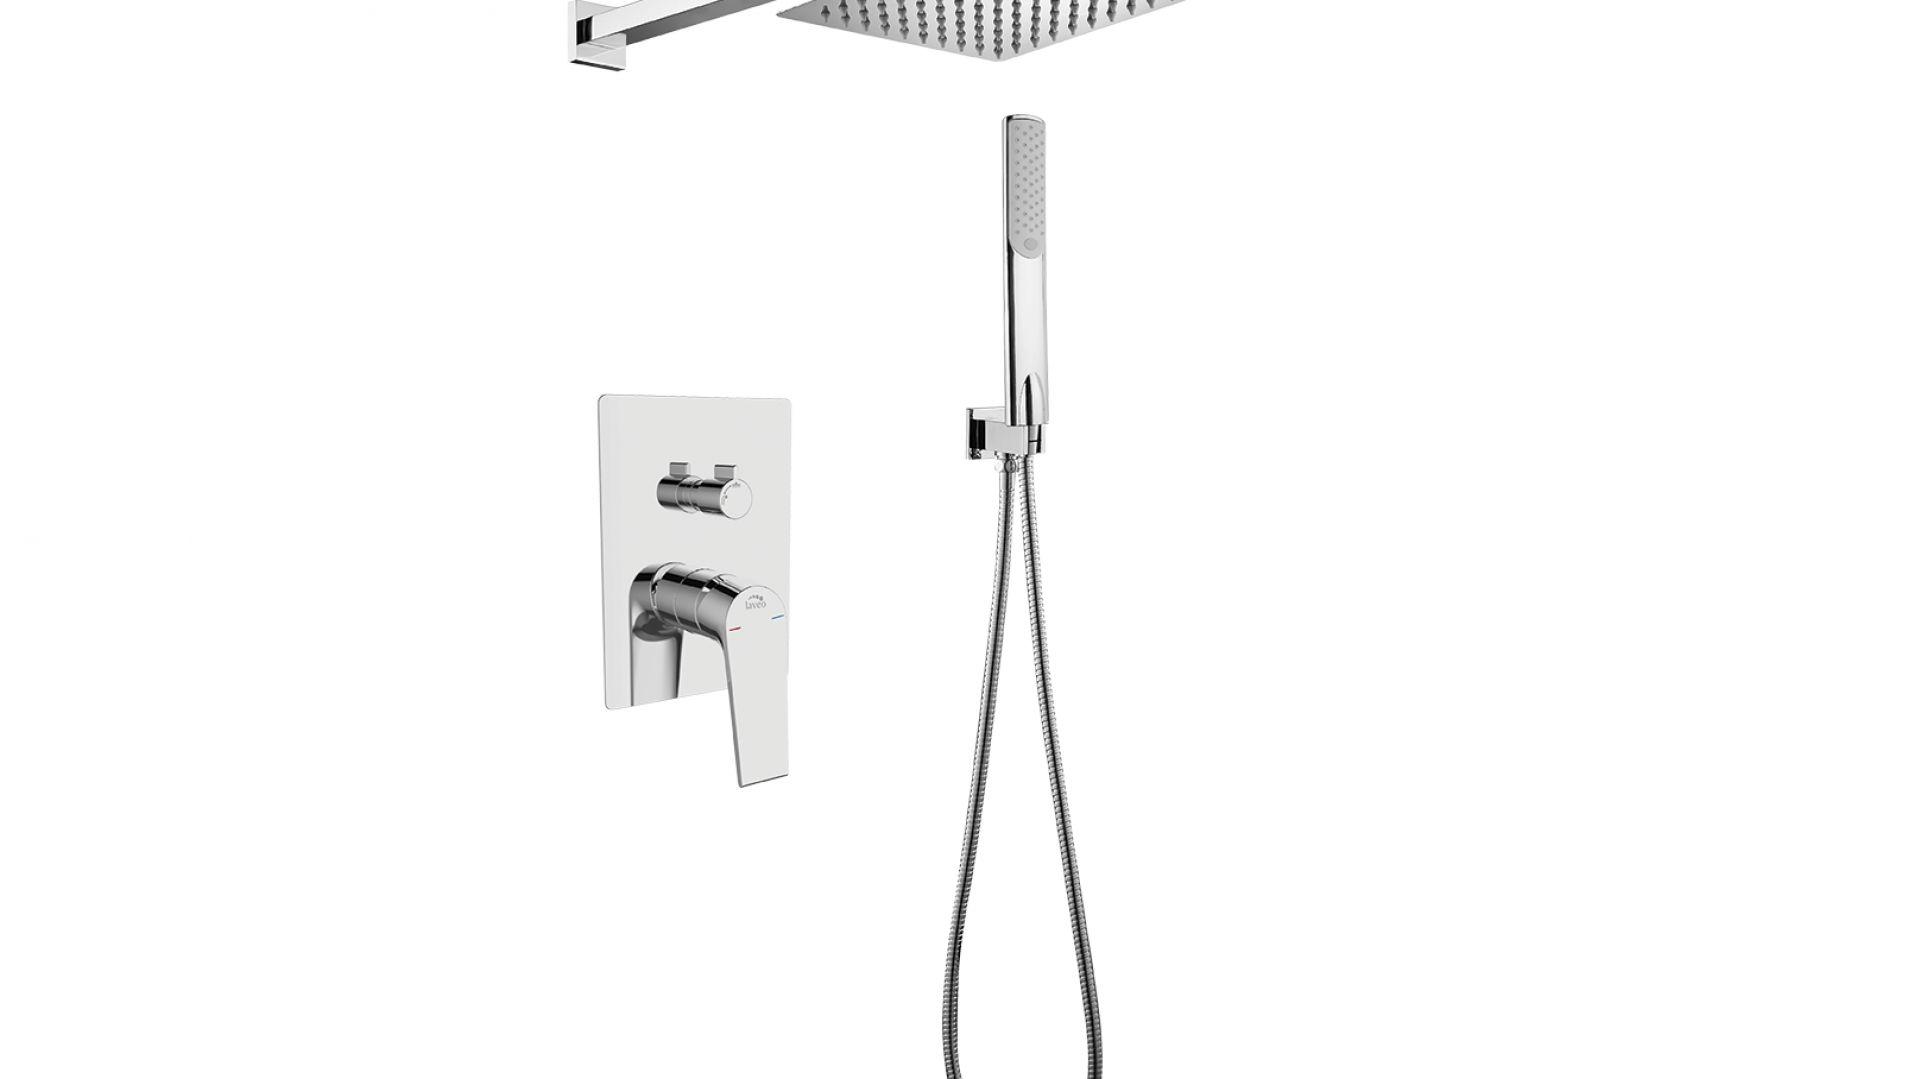 Zestaw prysznicowy z podtynkową baterią Plato. Fot. Plato